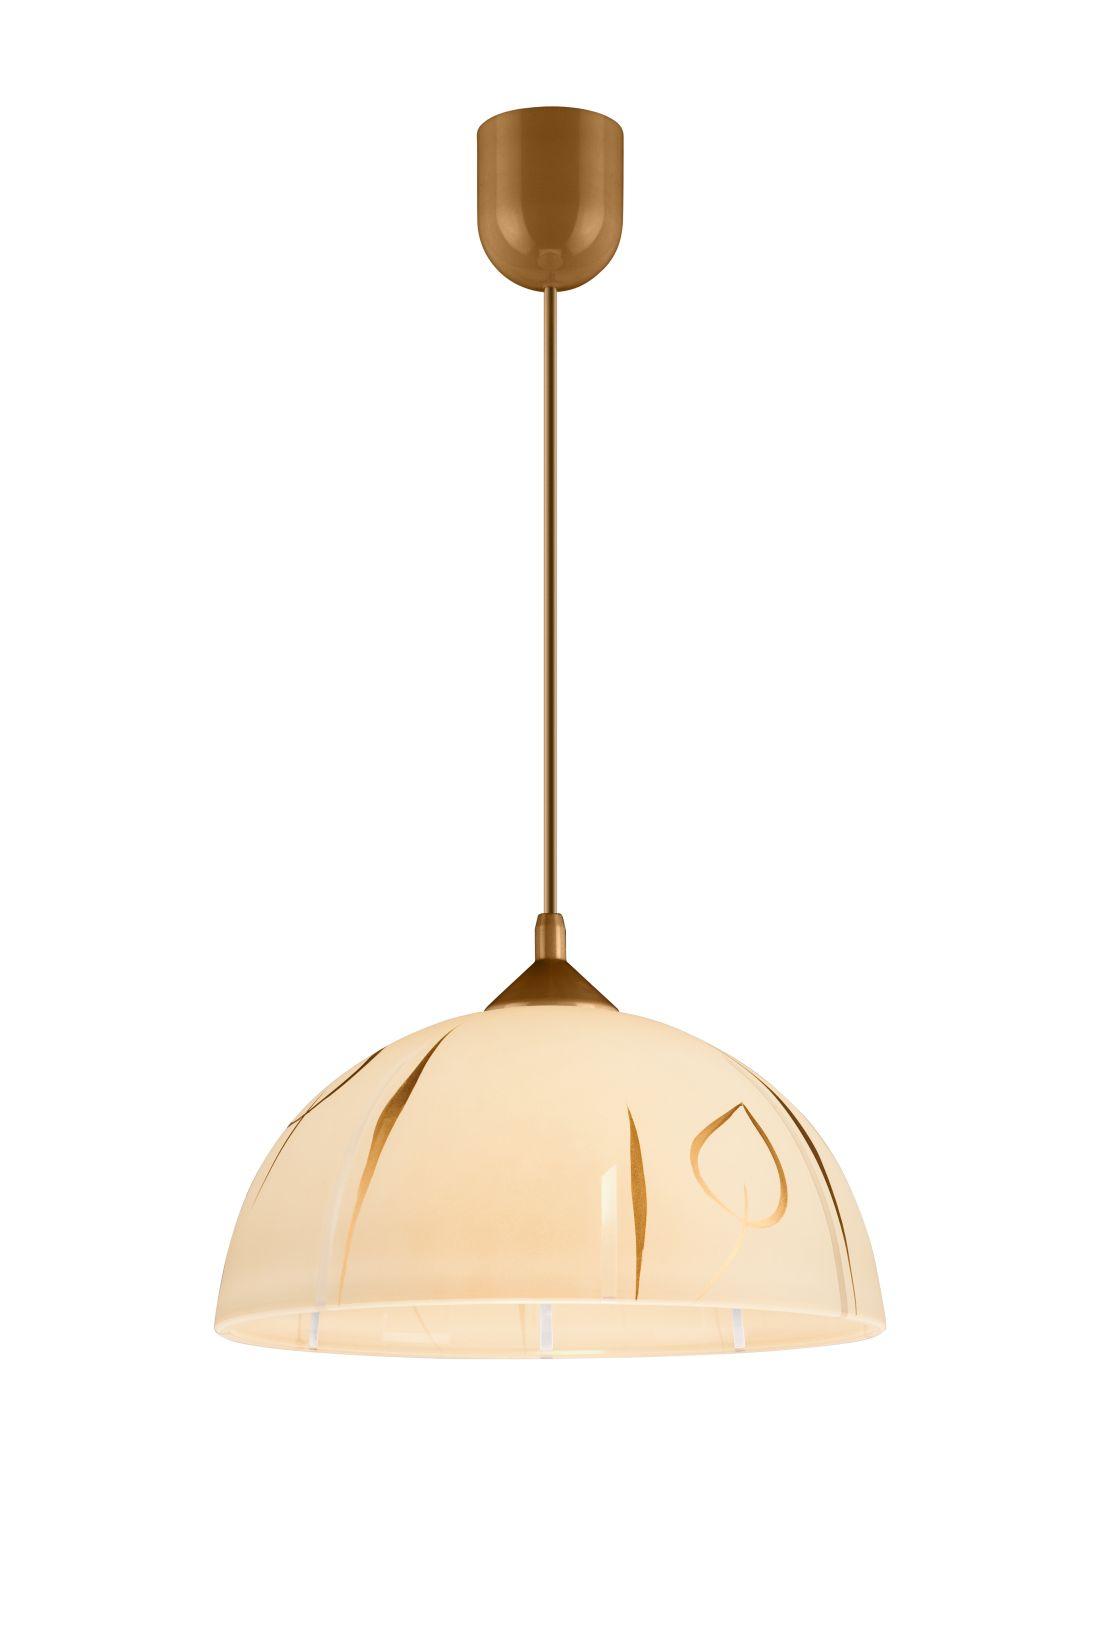 Hängeleuchte Rund Gold Retro Esstisch Glas Lampe